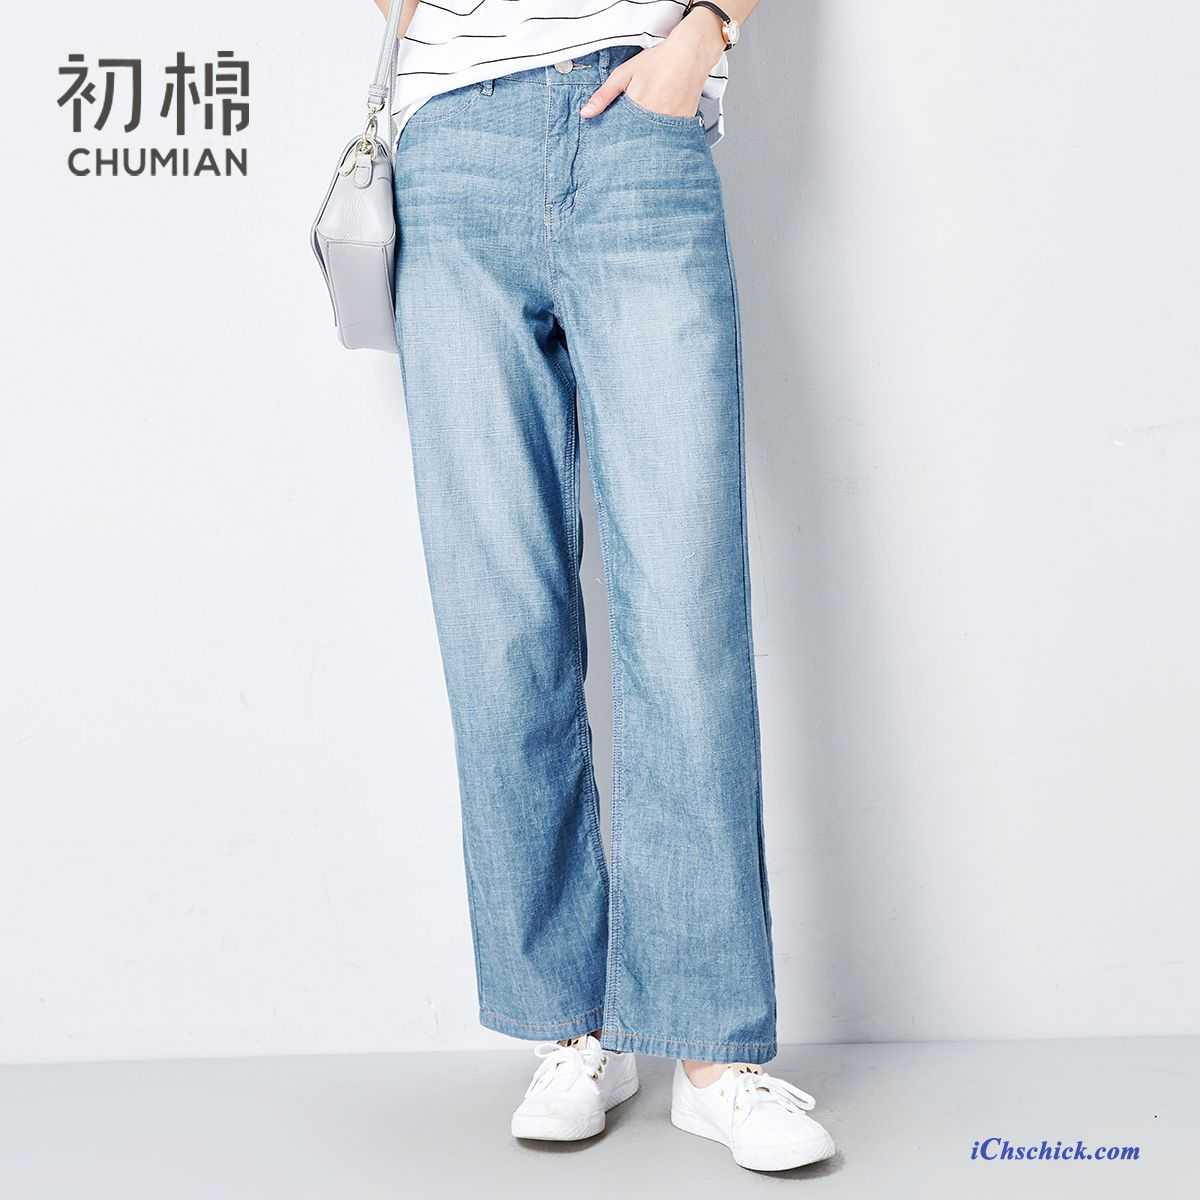 DamenJeans Mit Hosen Billig Damen Zerrissene Löchern HYD29WIE